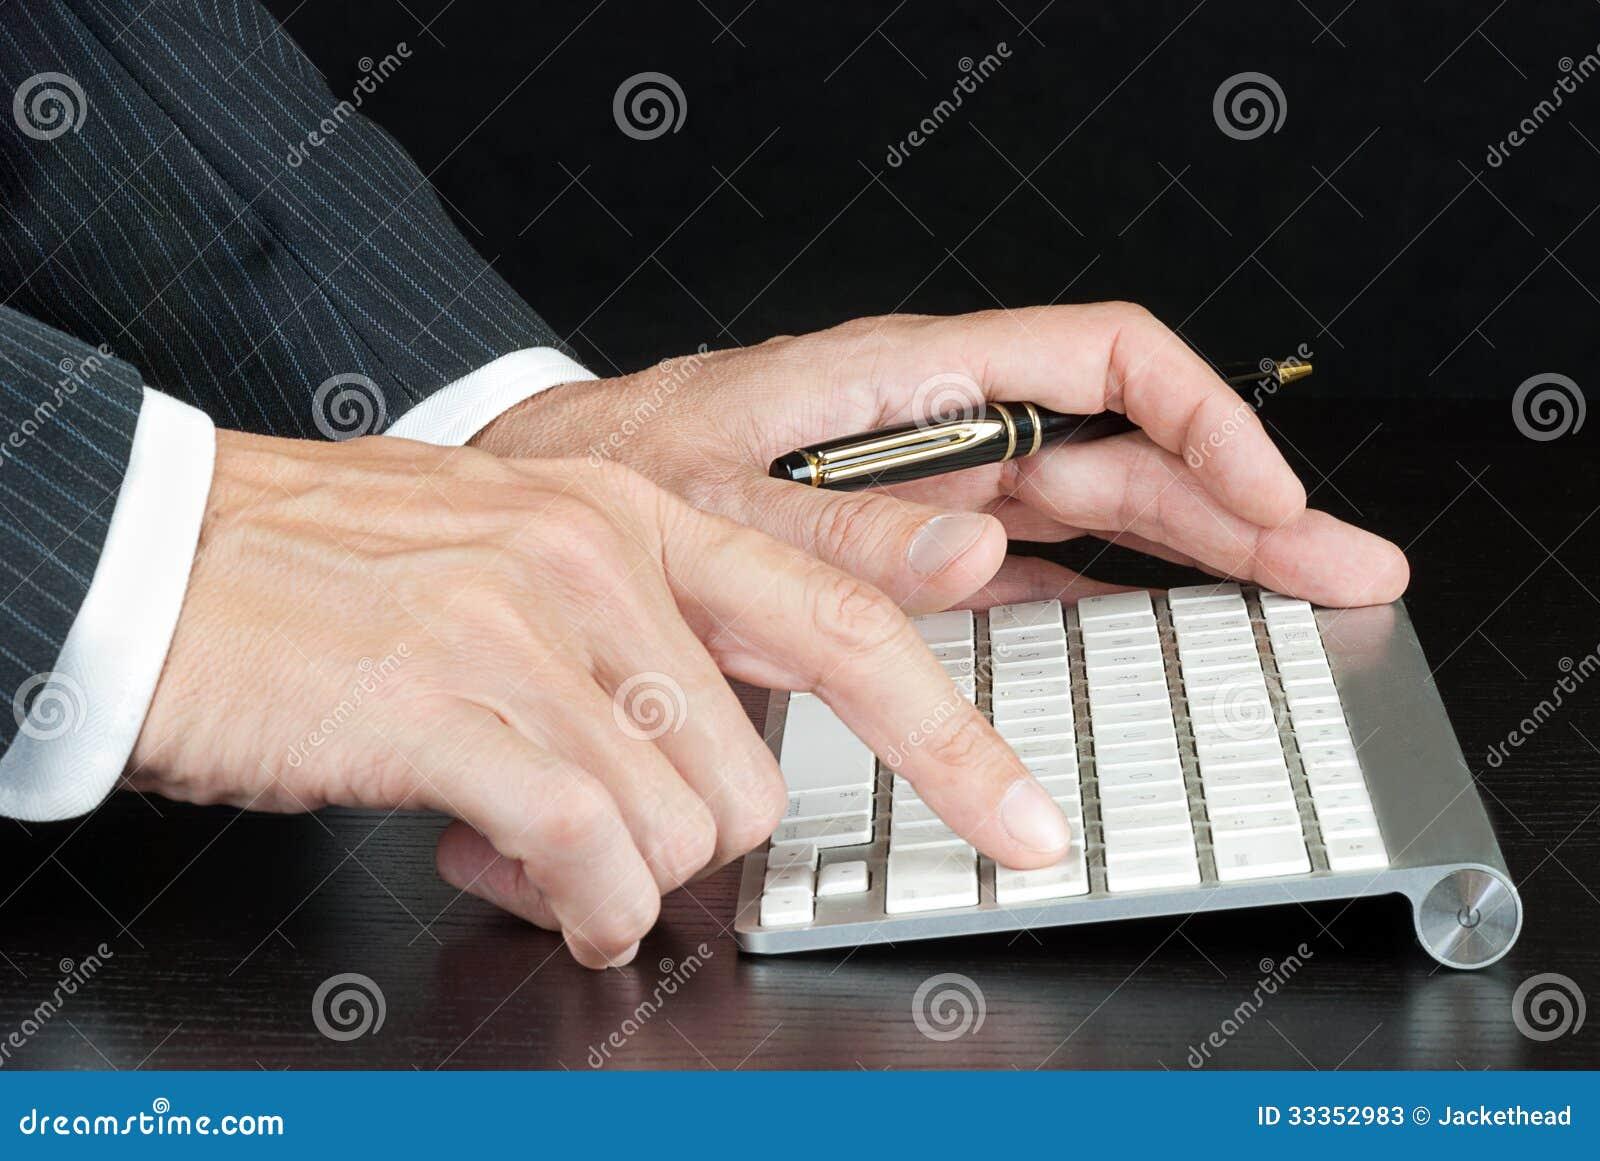 Teclado de ordenador de Pushes Enter On del hombre de negocios